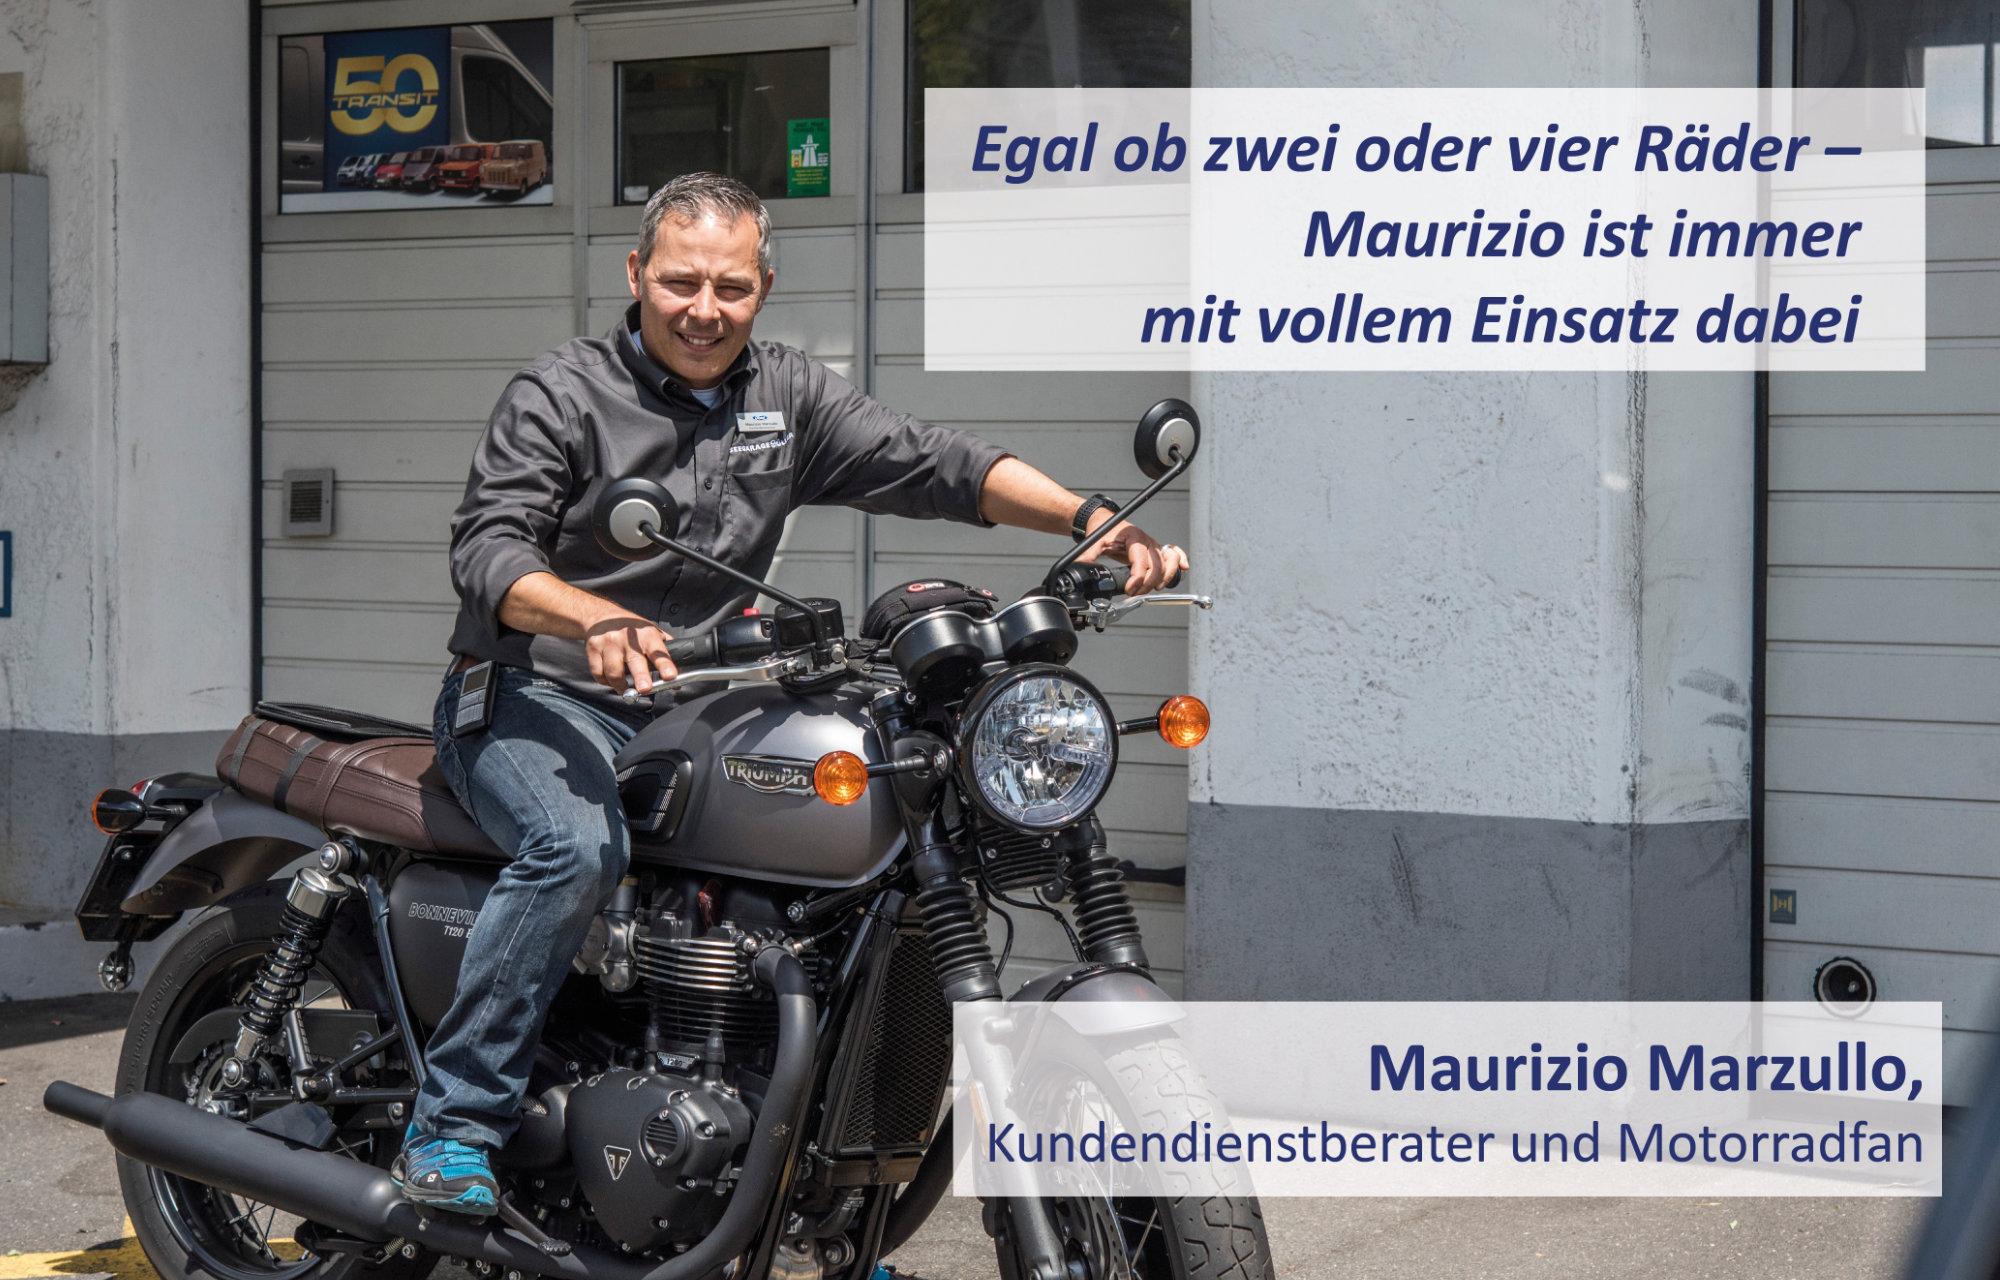 Maurizio Marzullo